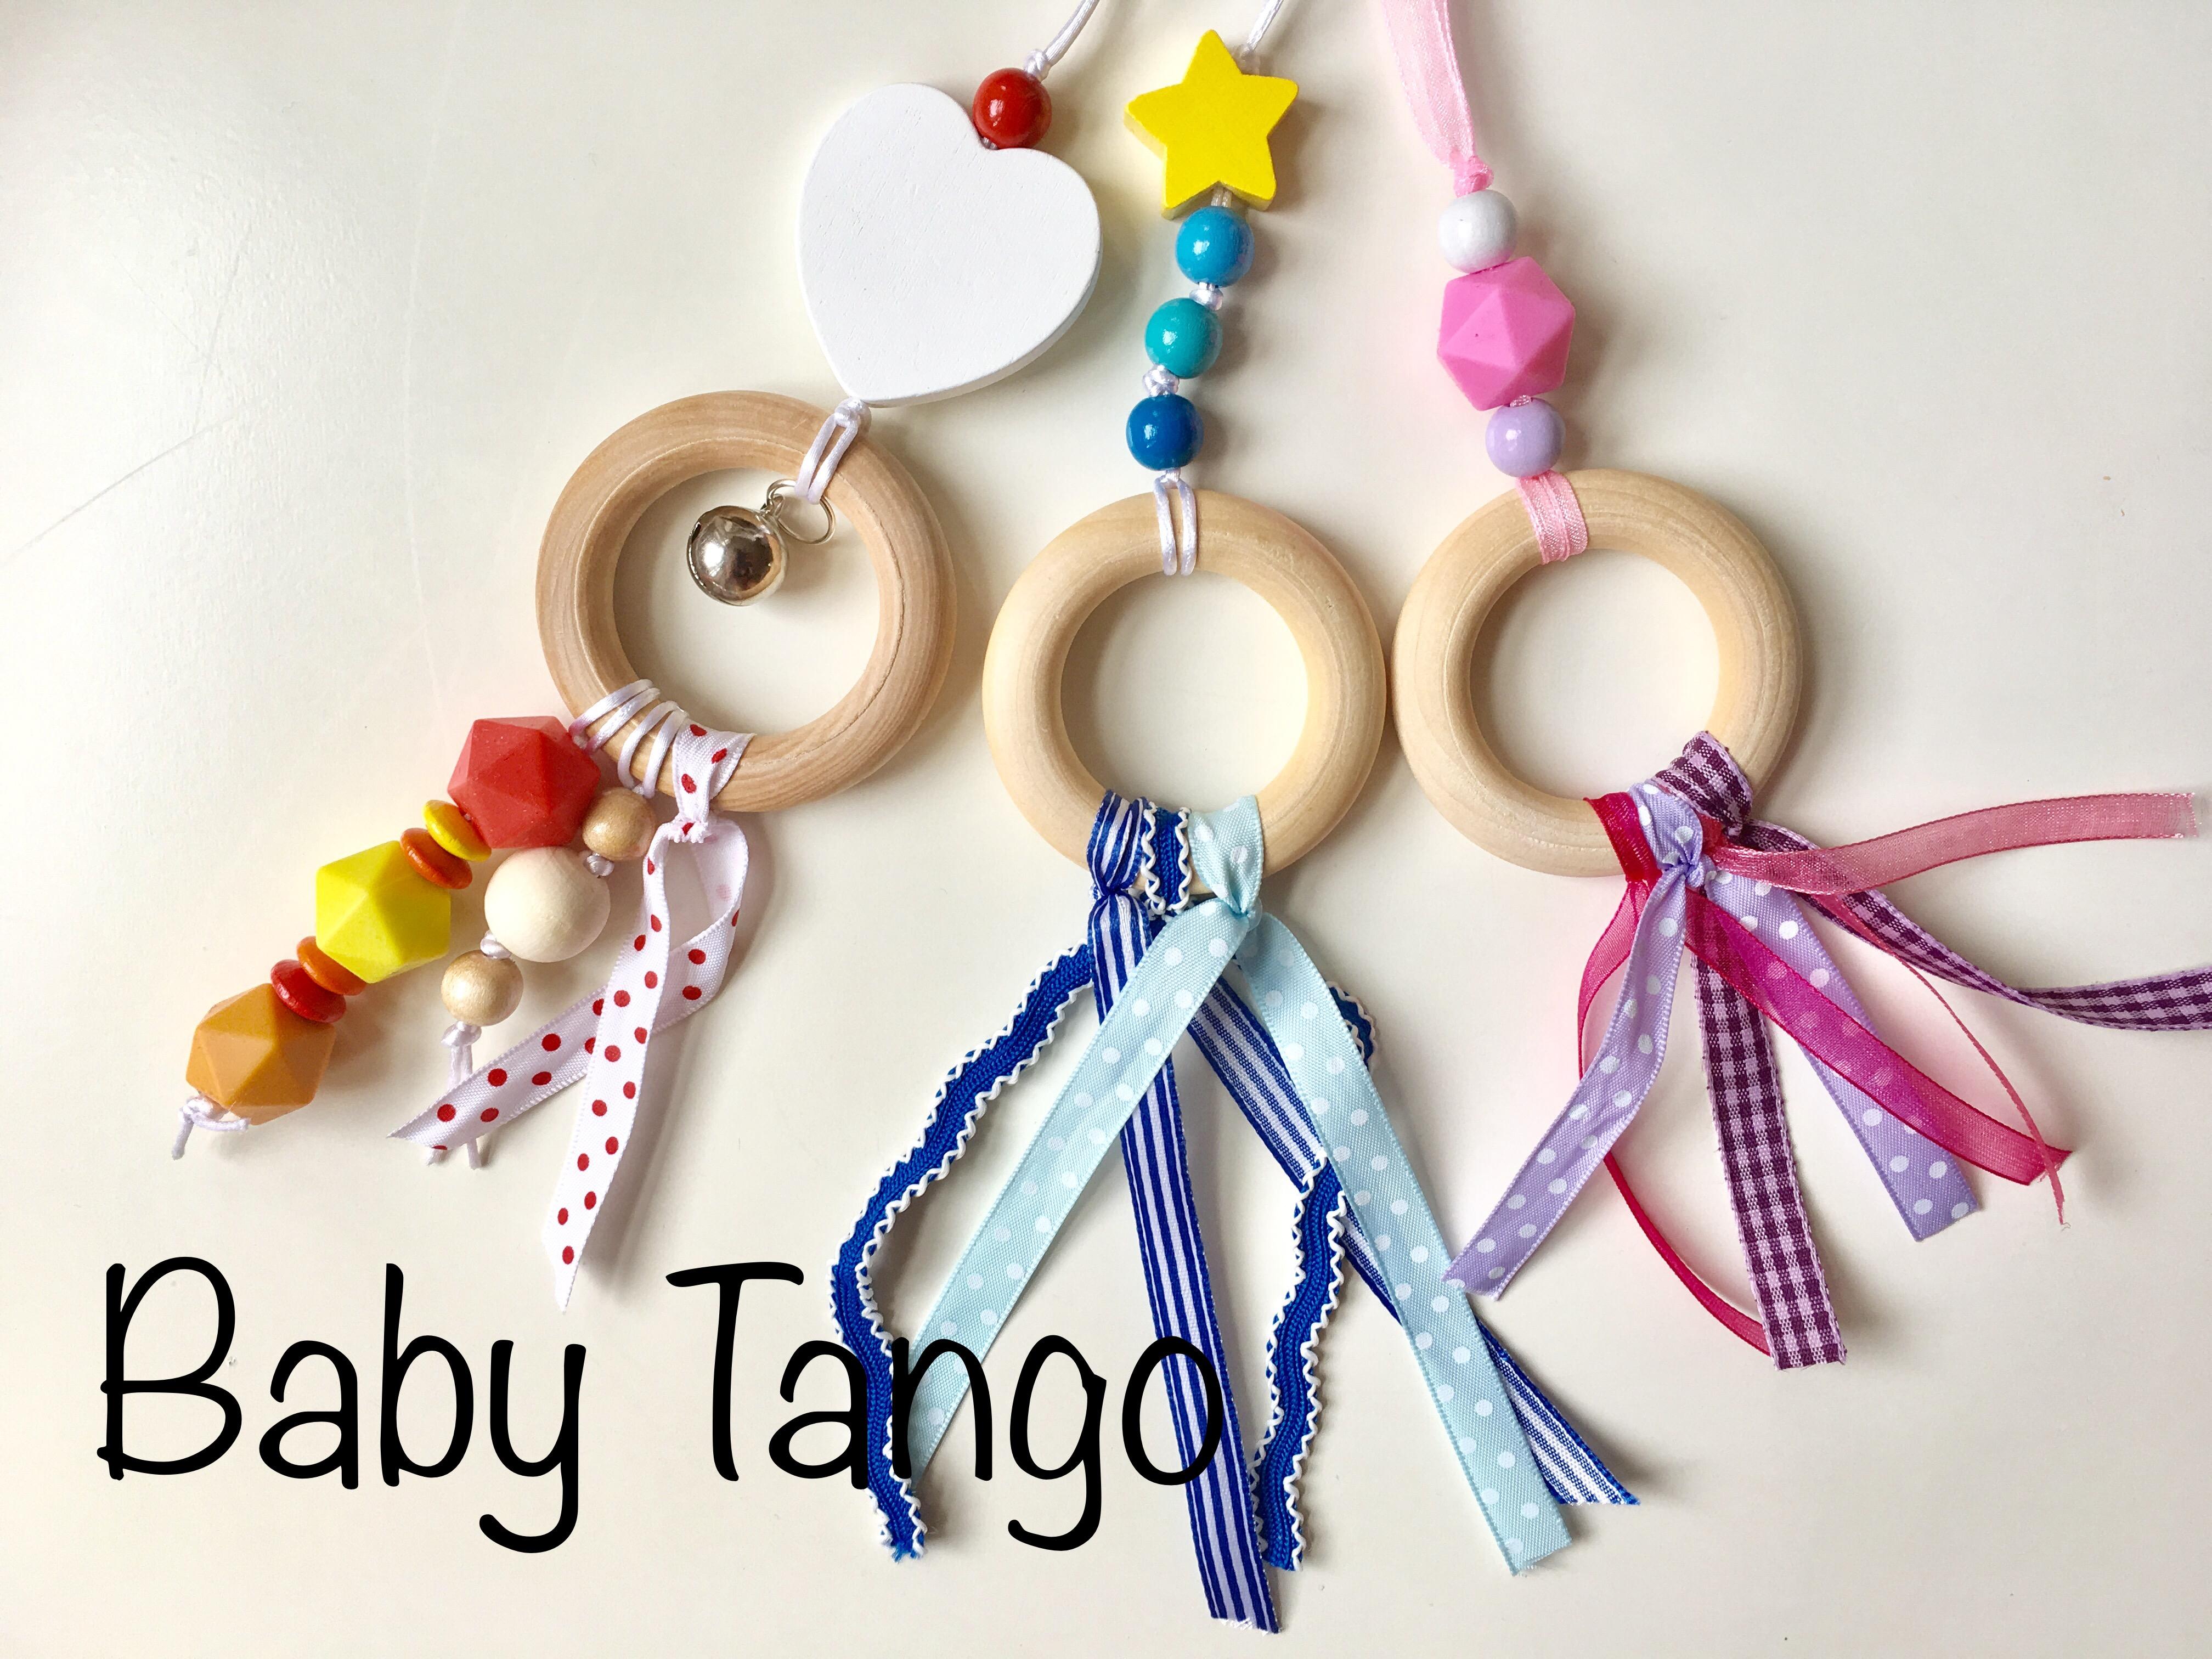 BabyTango